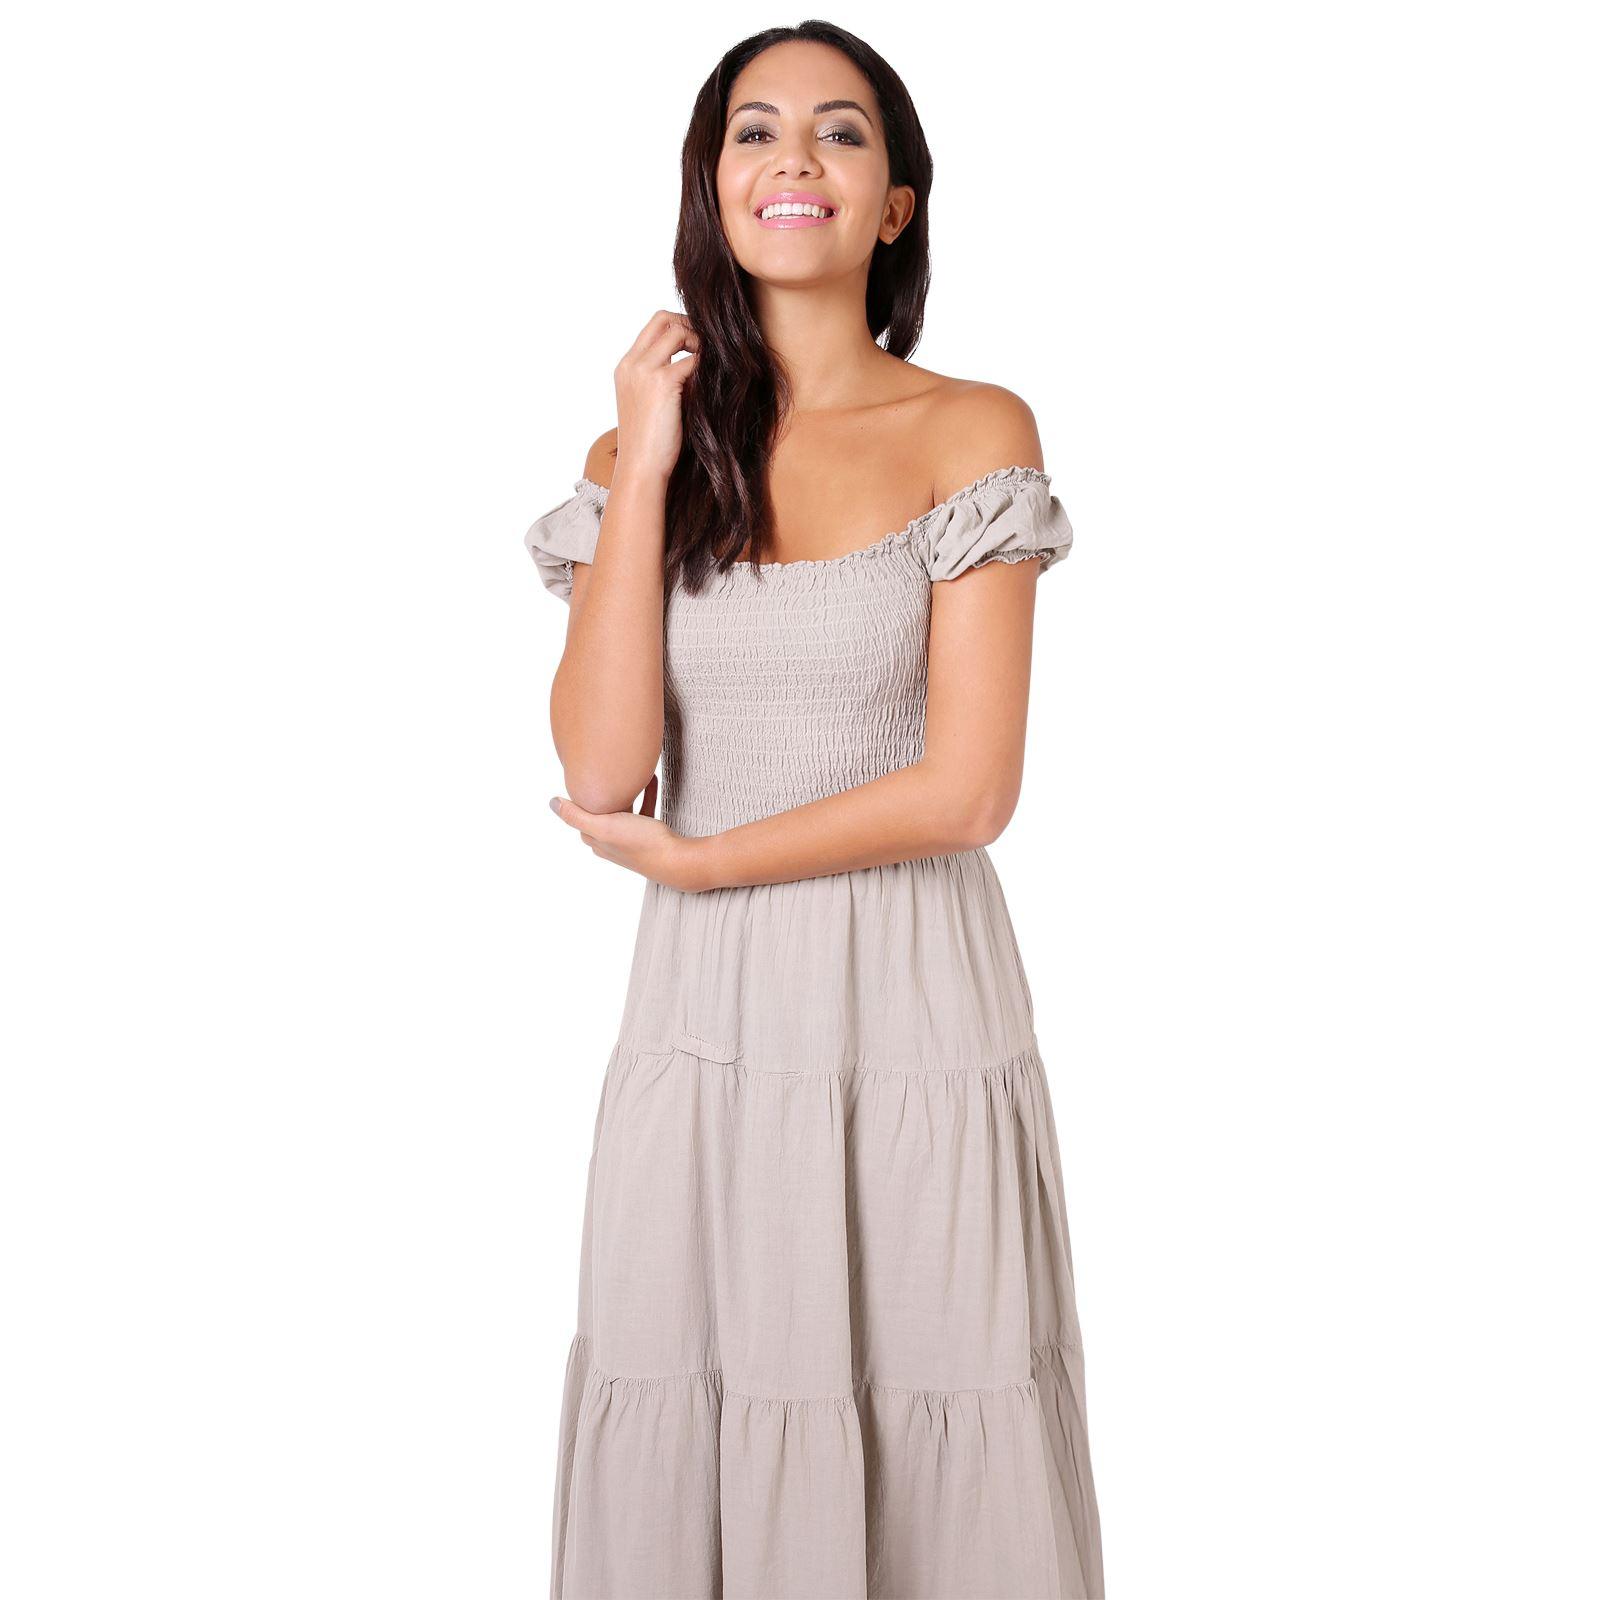 Damen Boho Maxi Kleid Einfarbig Bodenlang Baumwolle Sommer Urlaub ... cfc3f60f99